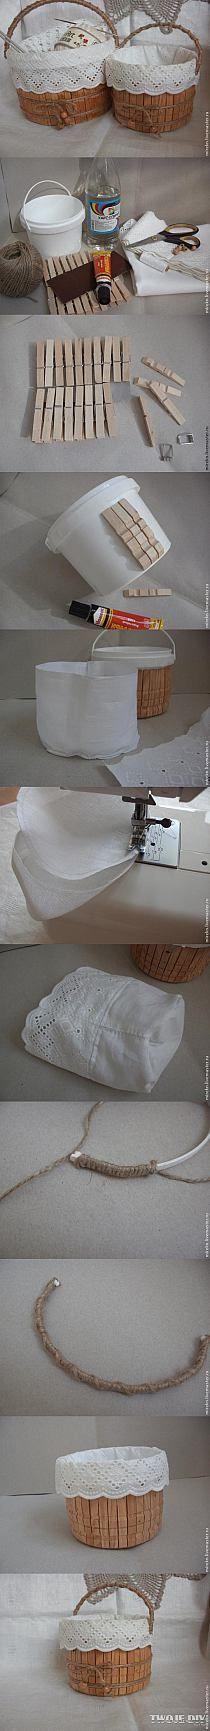 Súper.. Se puede usar para guardar muchísimas cosas cosas.. Ejemplo: los broches de la ropa! ;) #pin_it @mundodascasas See more Here: www.mundodascasas.com.br